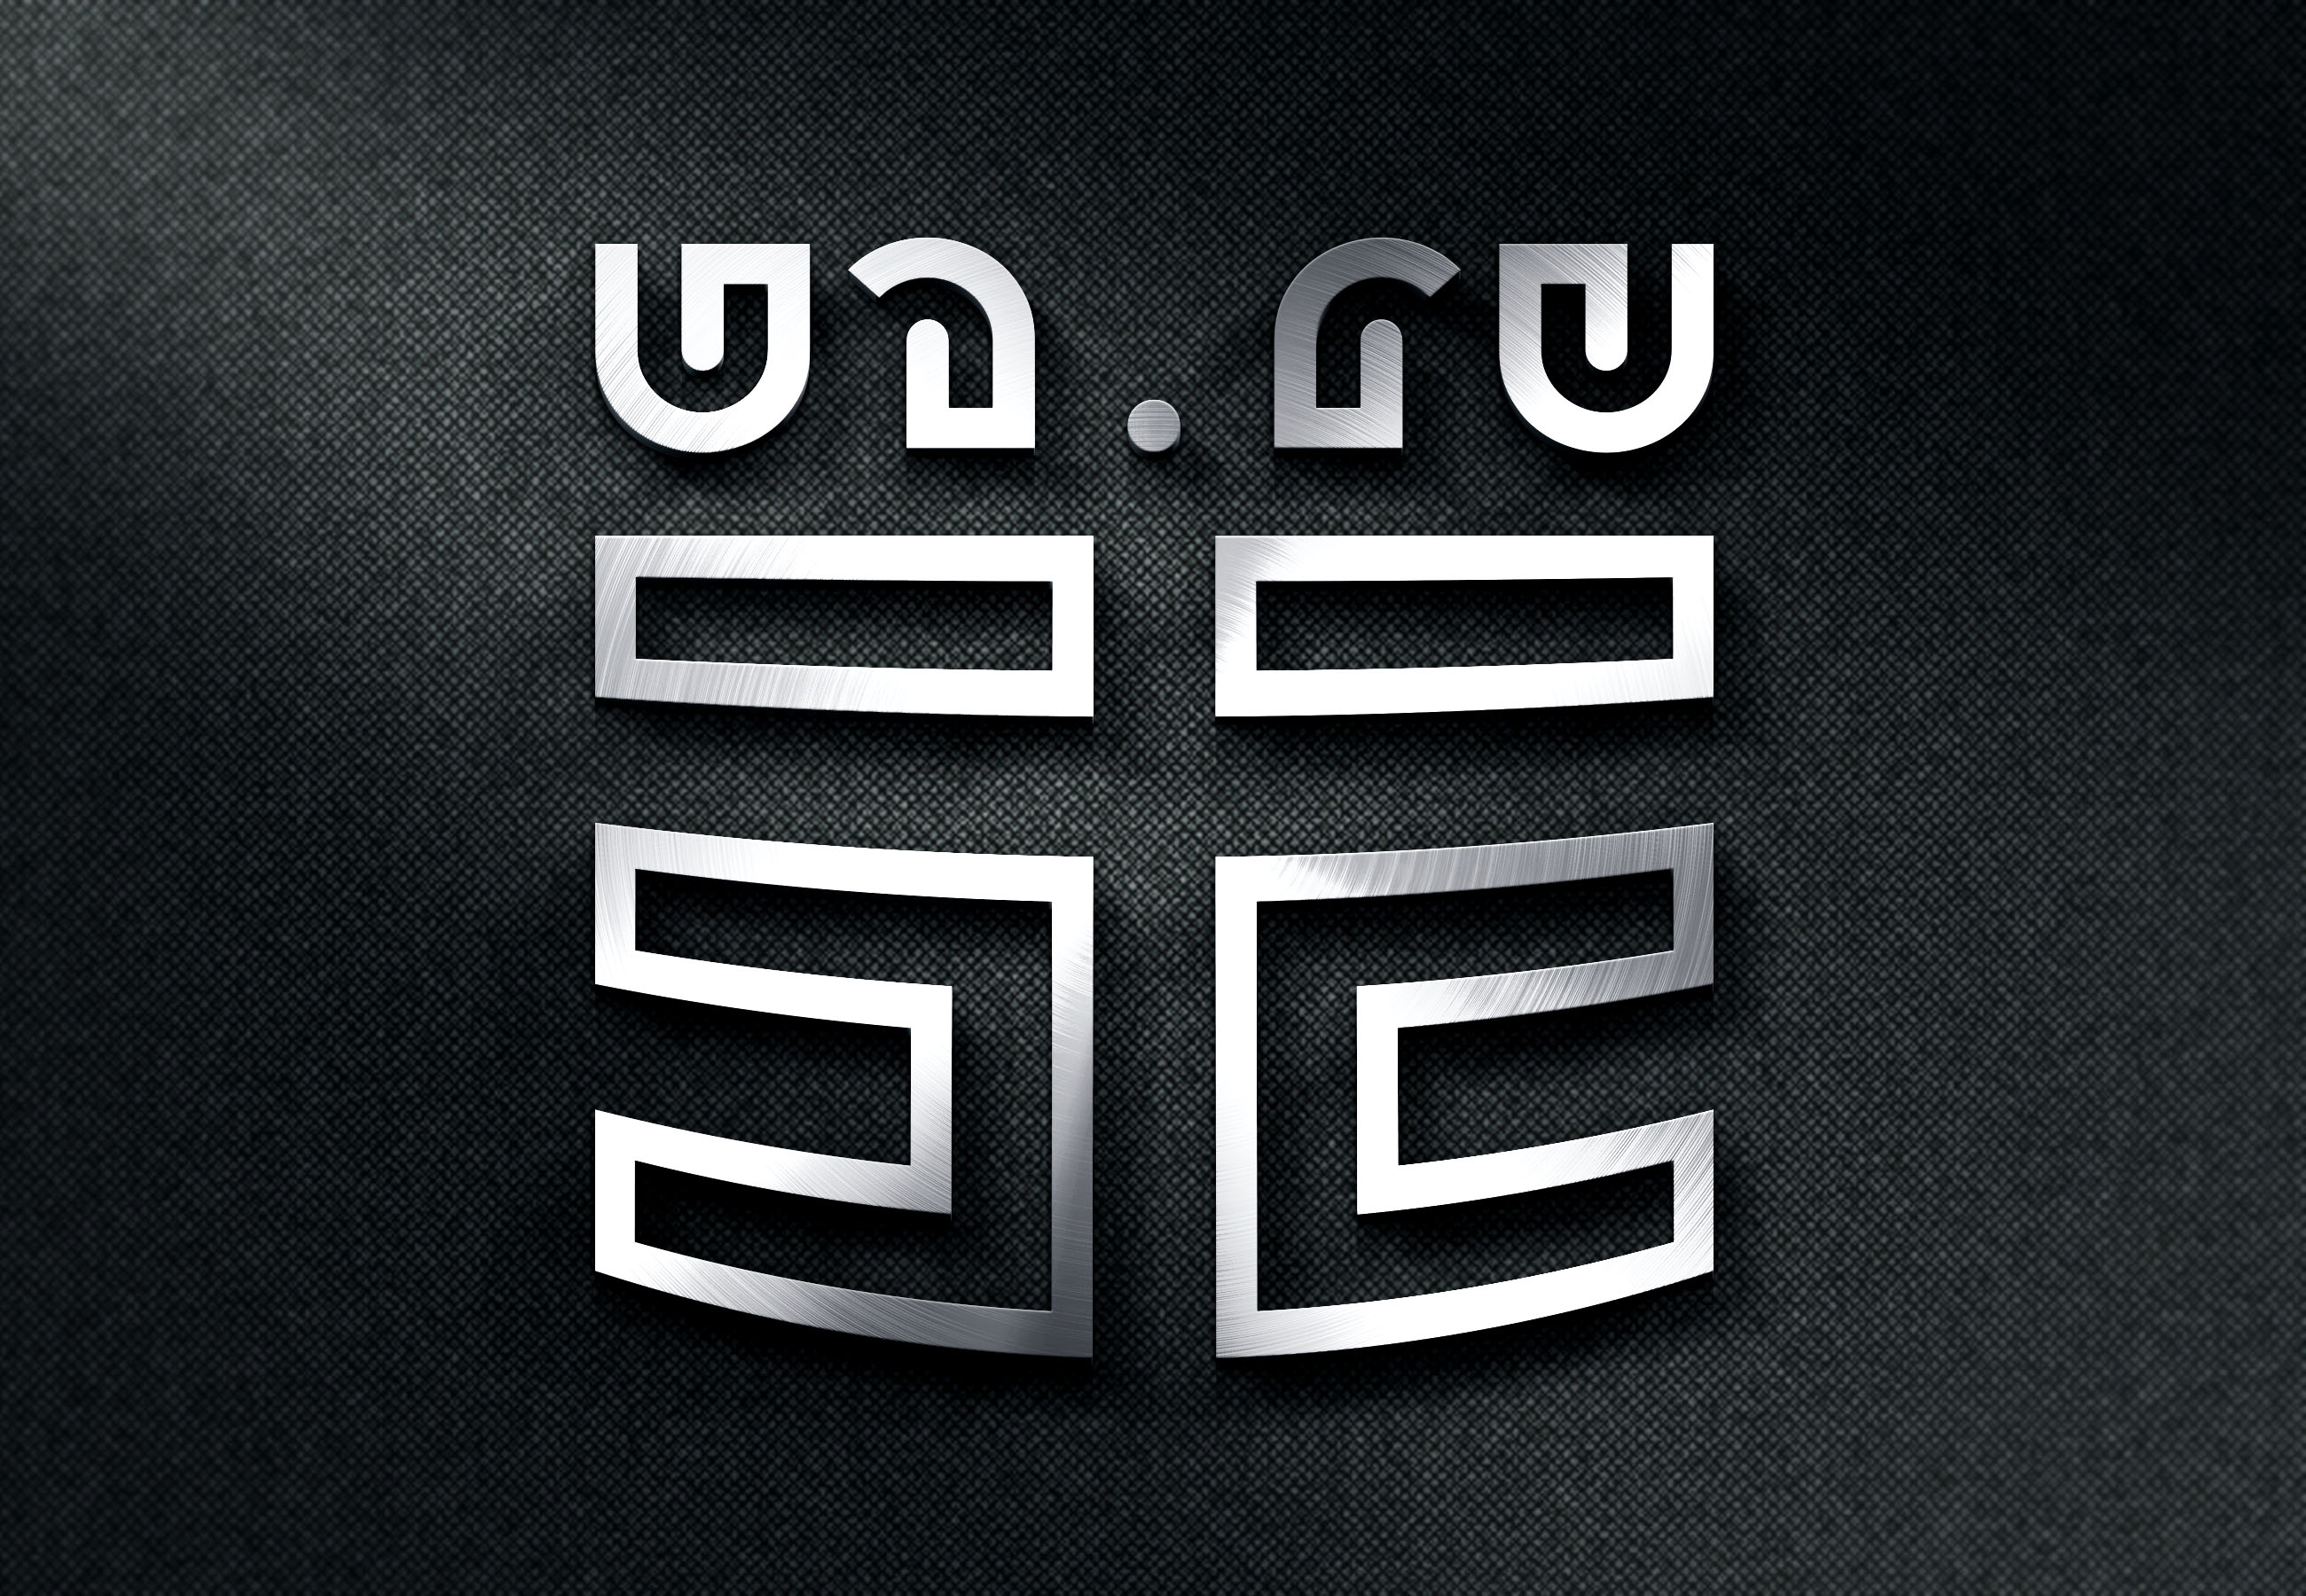 Нарисовать логотип для группы компаний  фото f_7645cdc7a2a787b3.jpg